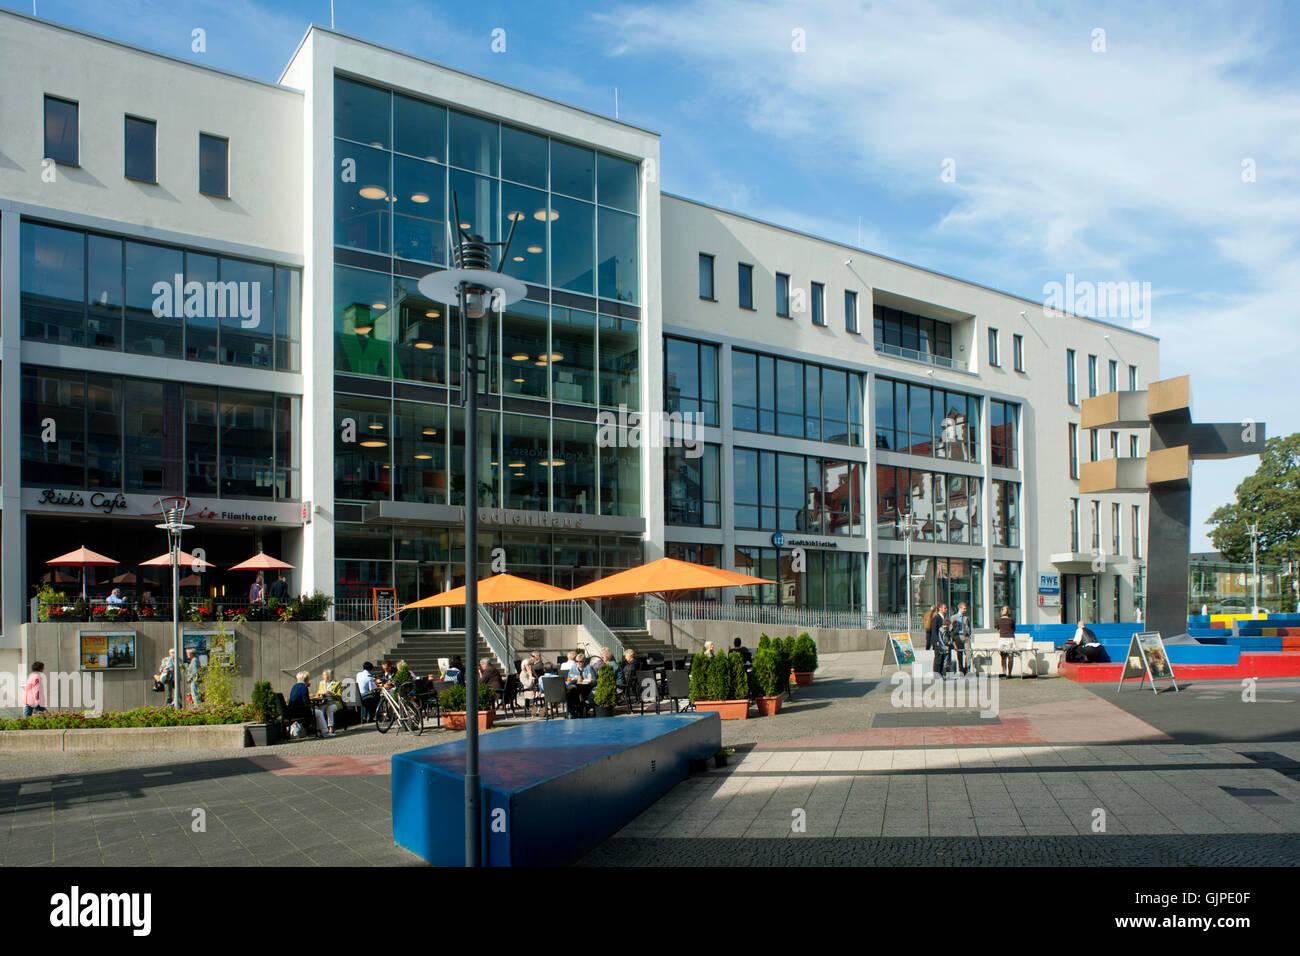 Deutschland, Nordrhein-Westfalen, Mühlheim an der Ruhr, Viktoriastrasse, Medienhaus und Stadtbibliothek - Stock Image